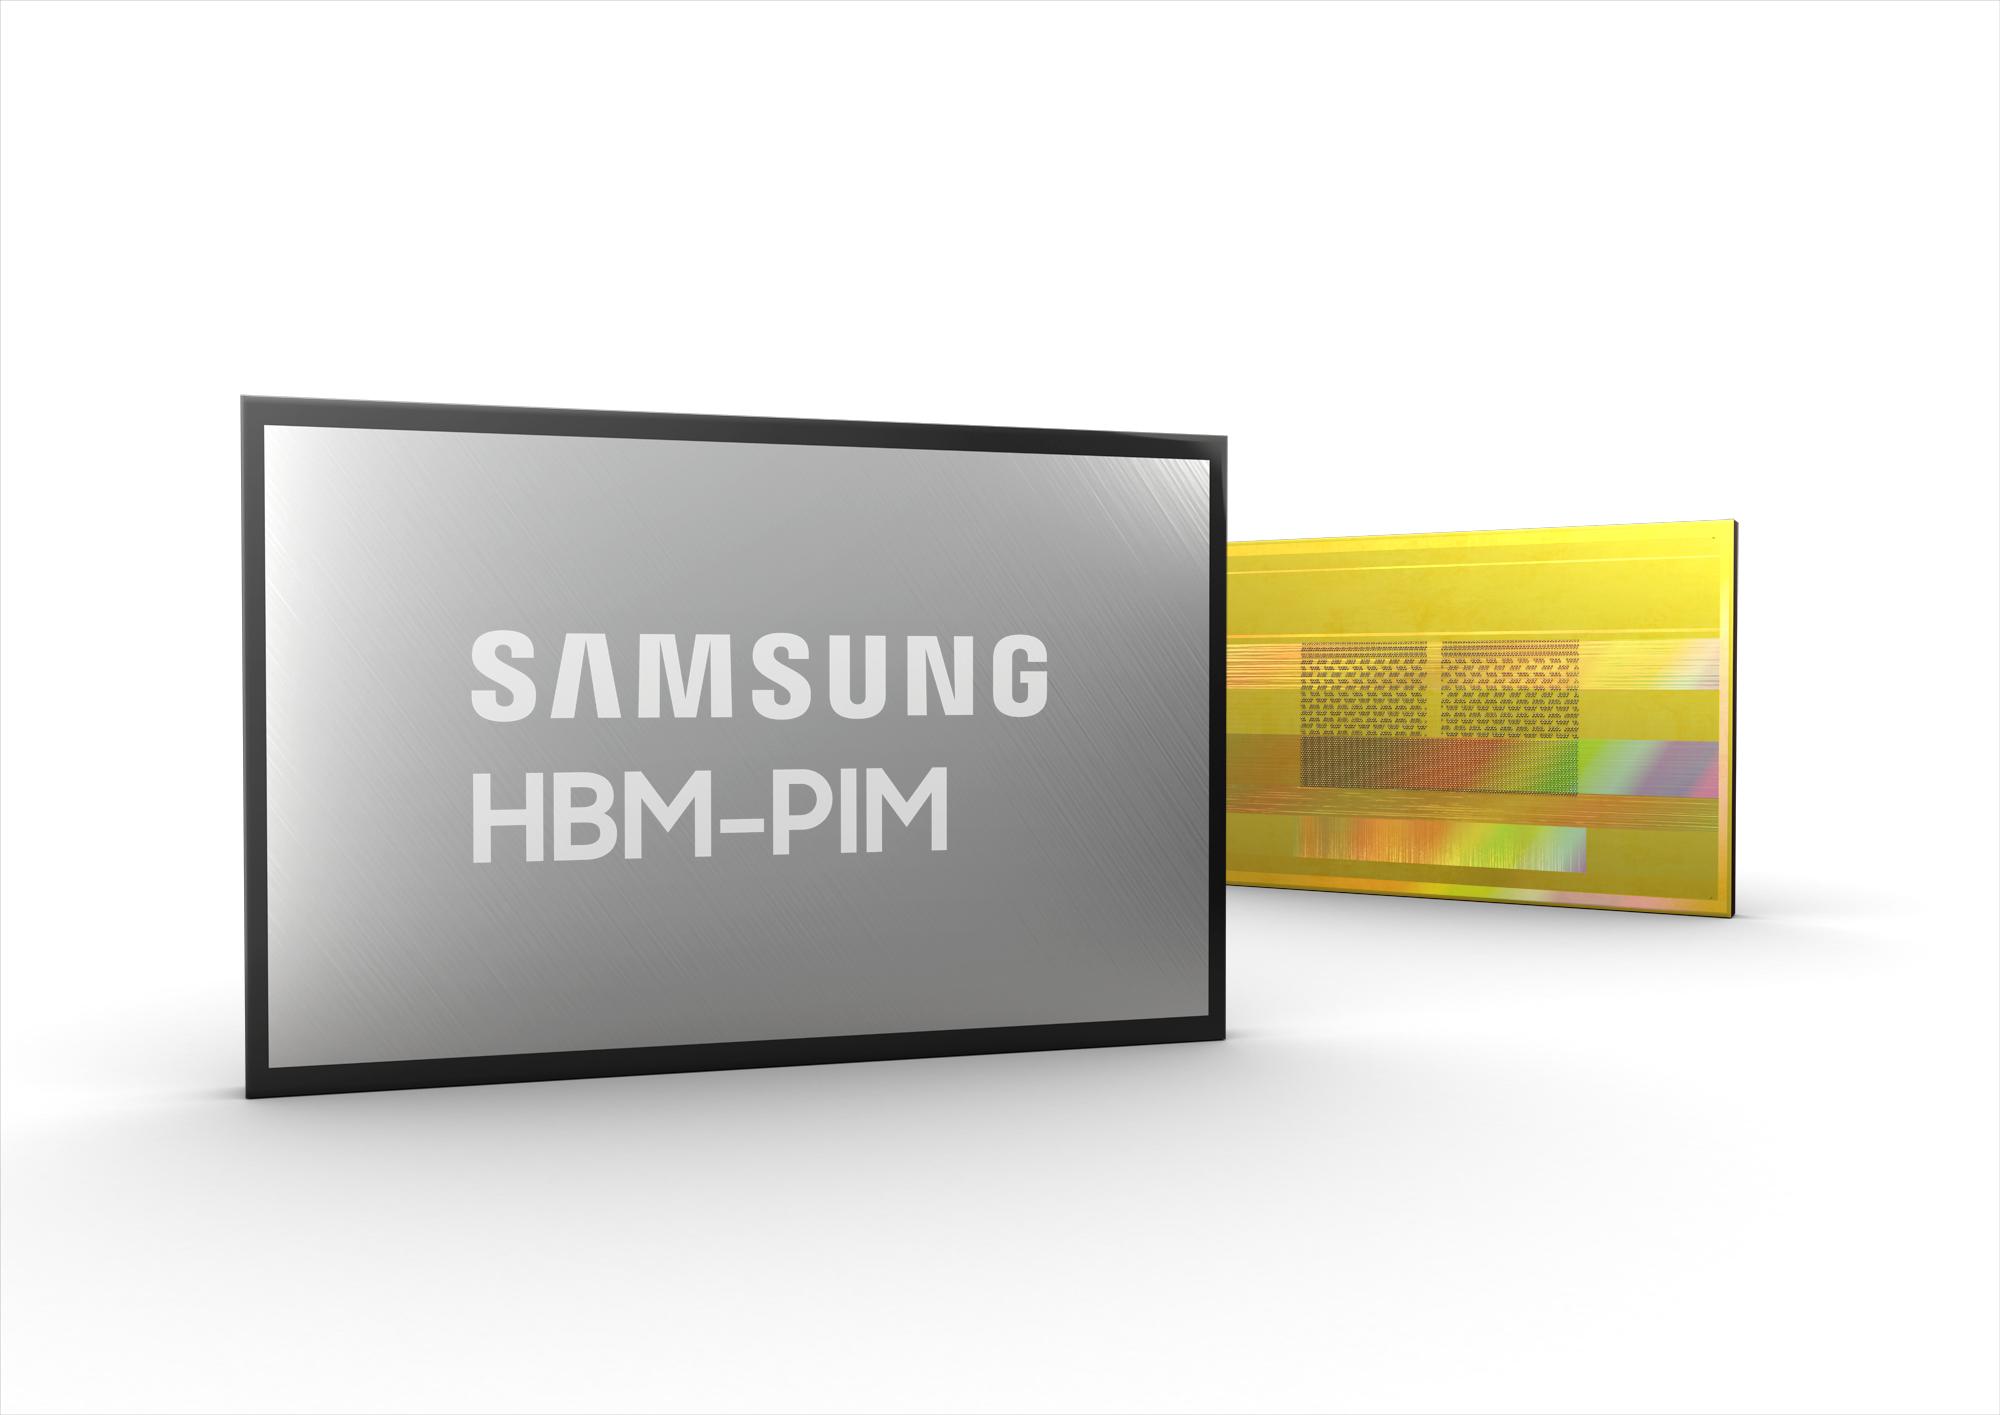 Samsung разрабатывает первую в отрасли память с высокой пропускной способностью и возможностями для ИИ-вычислений